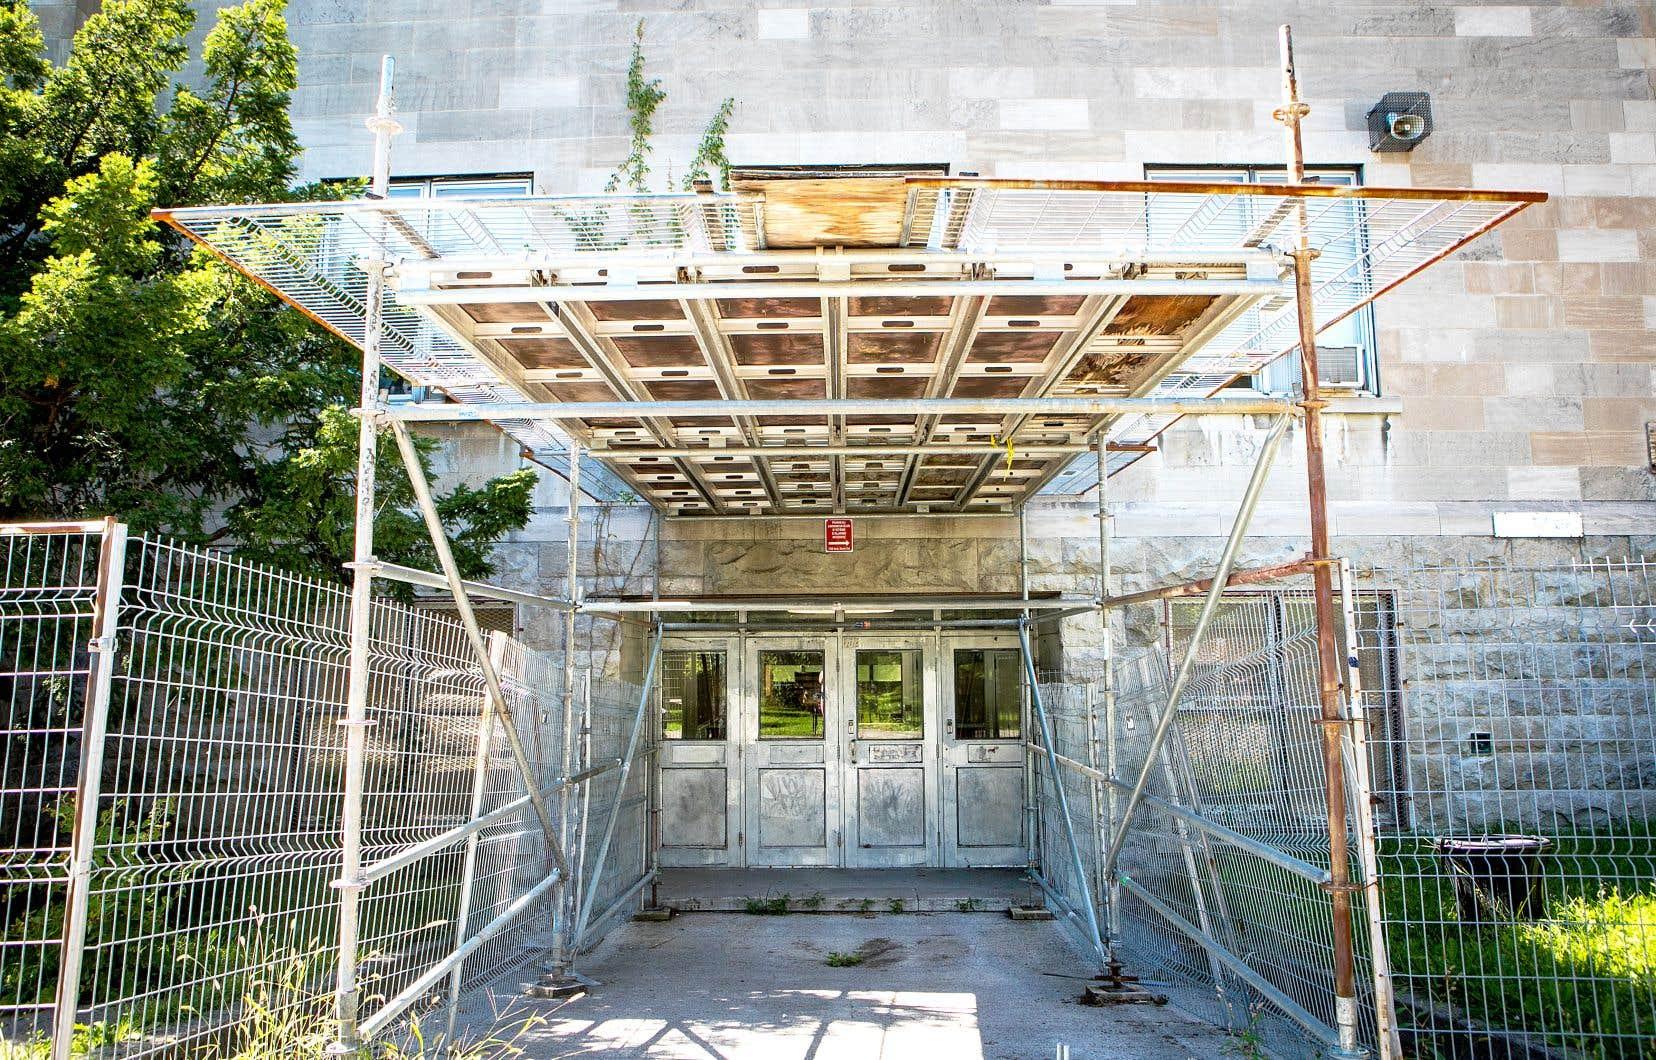 Ces bâtiments «nomades» permettront d'éviter que des élèves cohabitent avec d'importants chantiers scolaires, comme c'est le cas à l'heure actuelle.